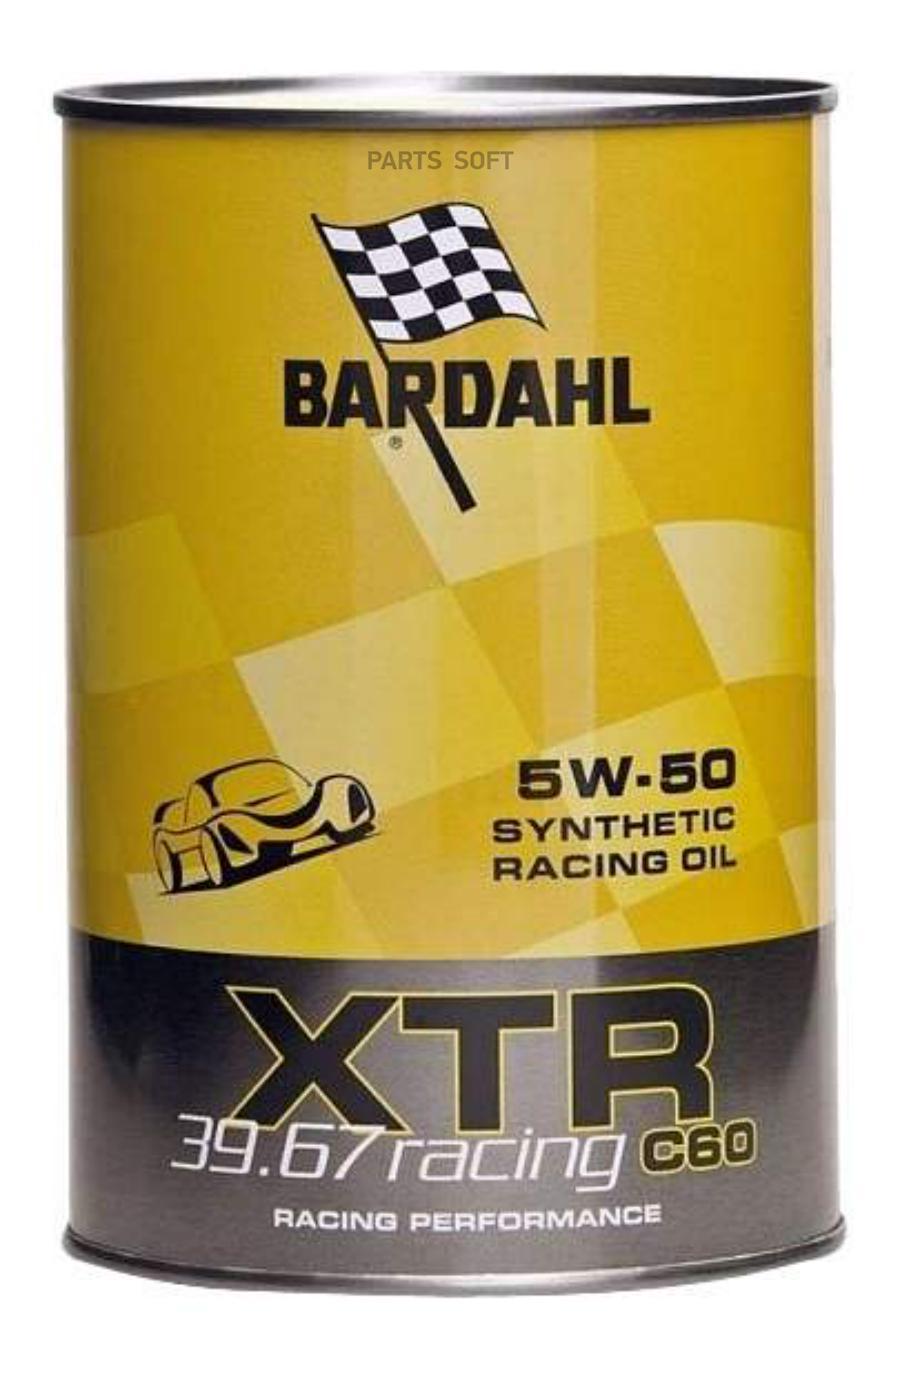 Масло моторное синтетическое XTR C60 Racing 39,67 5W-50, 1л